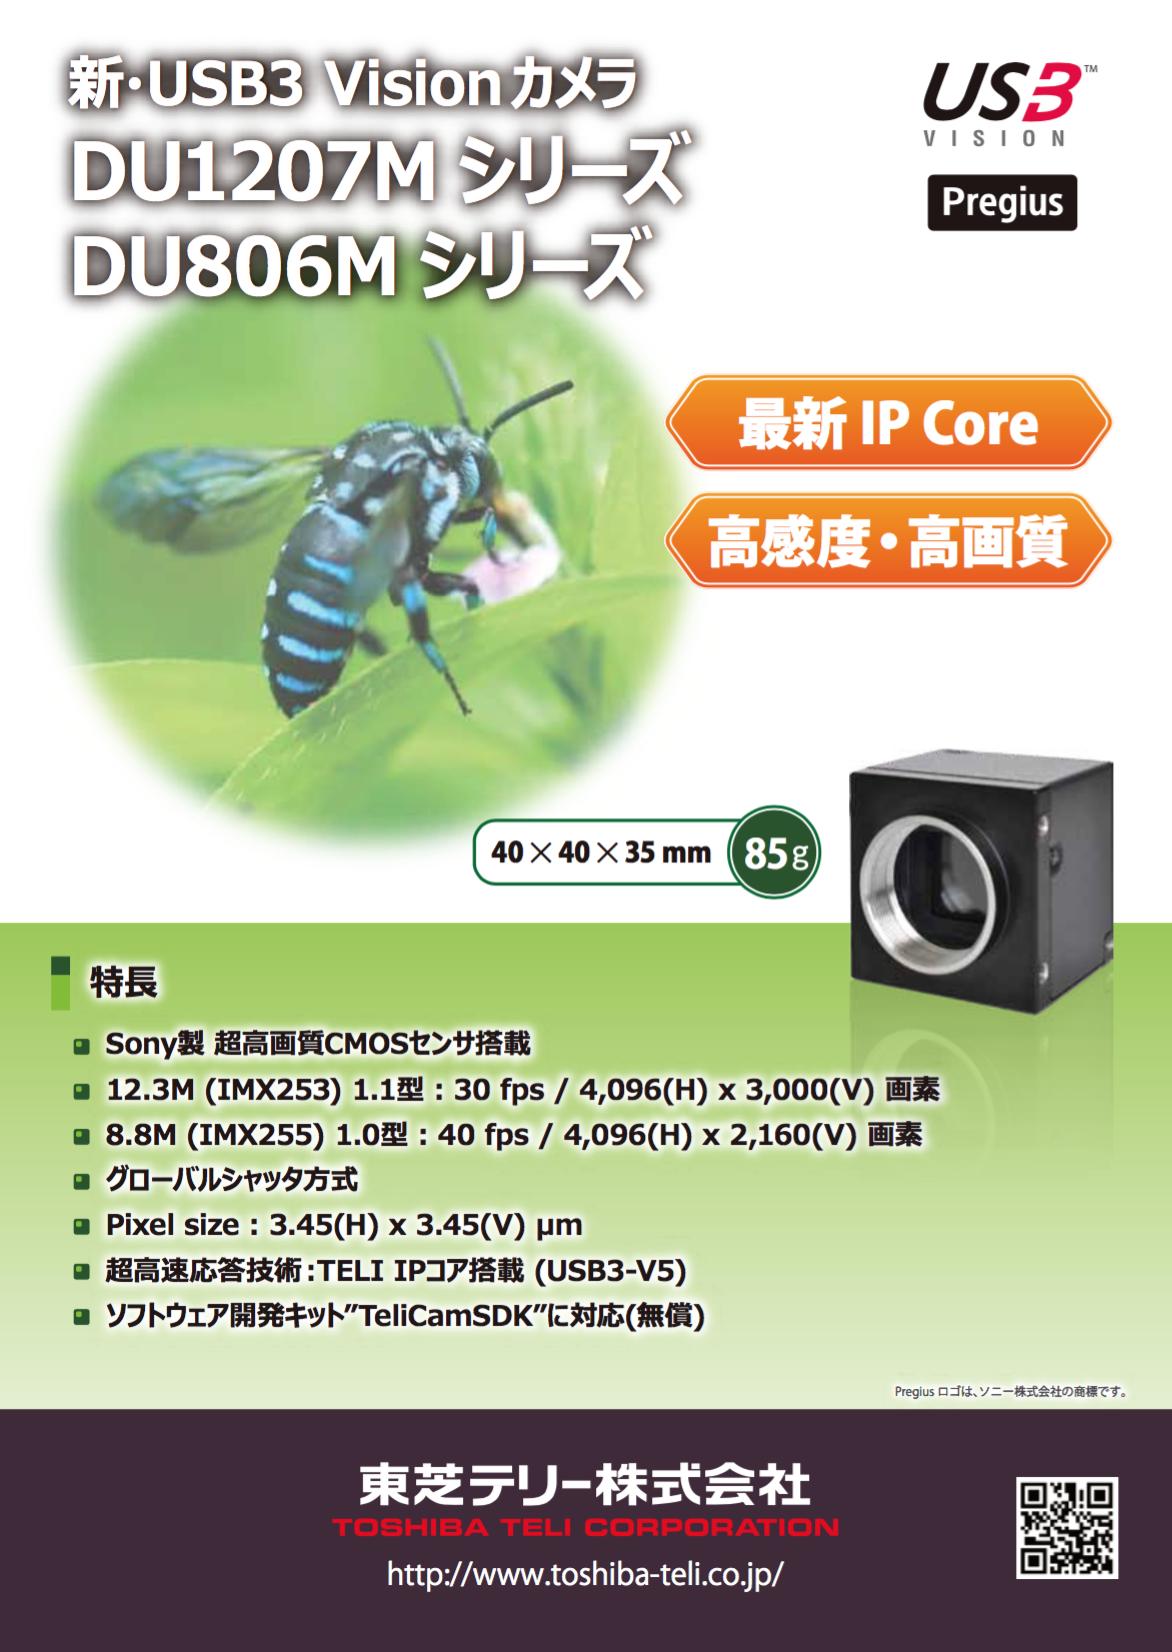 新USB3 Visionカメラ